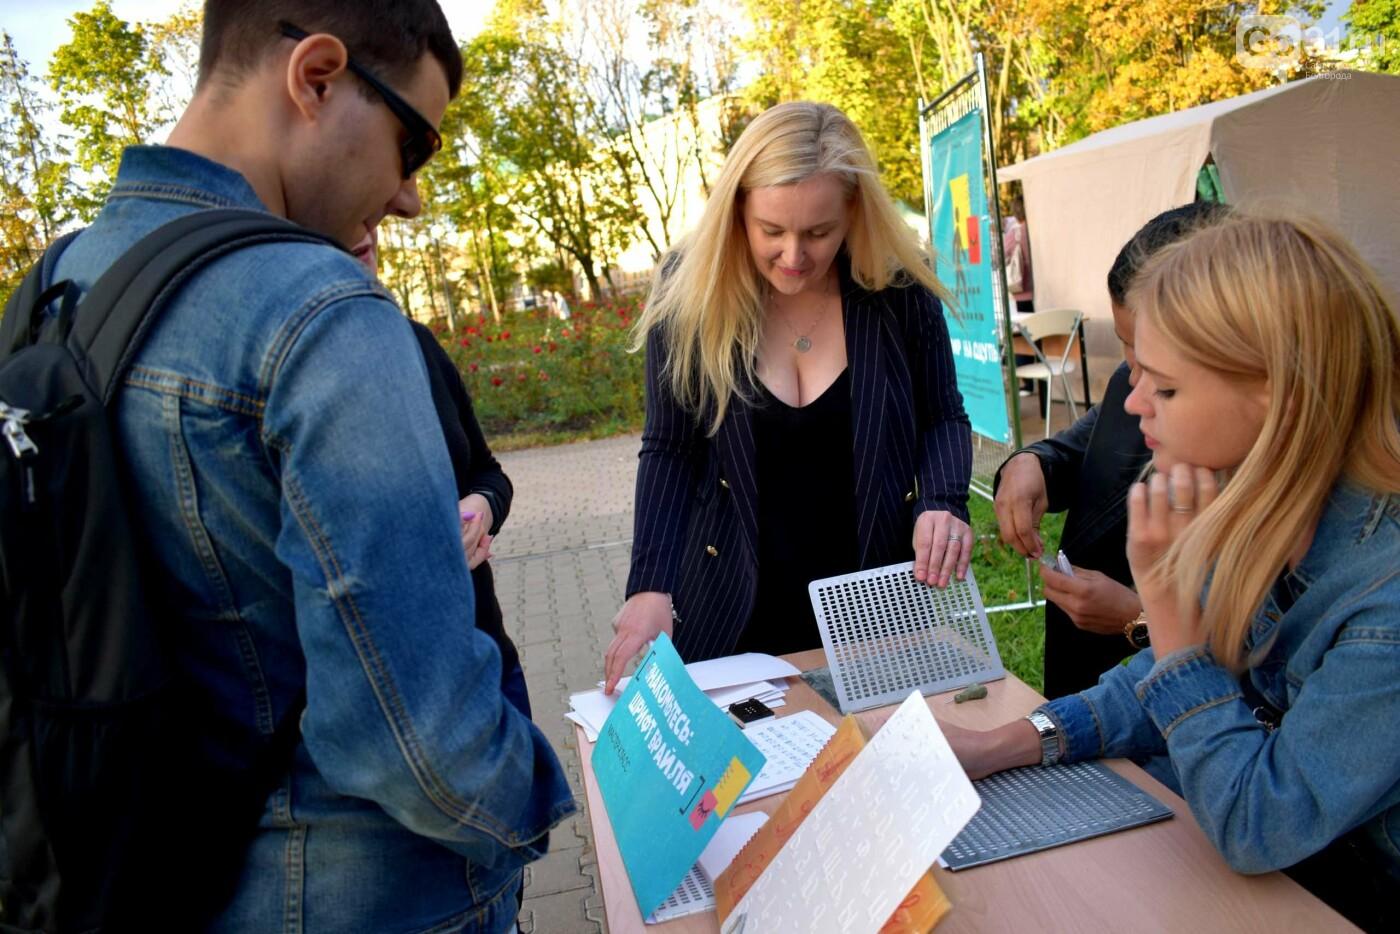 Комиксы, куклы, карильон. В Белгороде прошёл фестиваль «Я – в культуре. Культура – во мне», фото-10